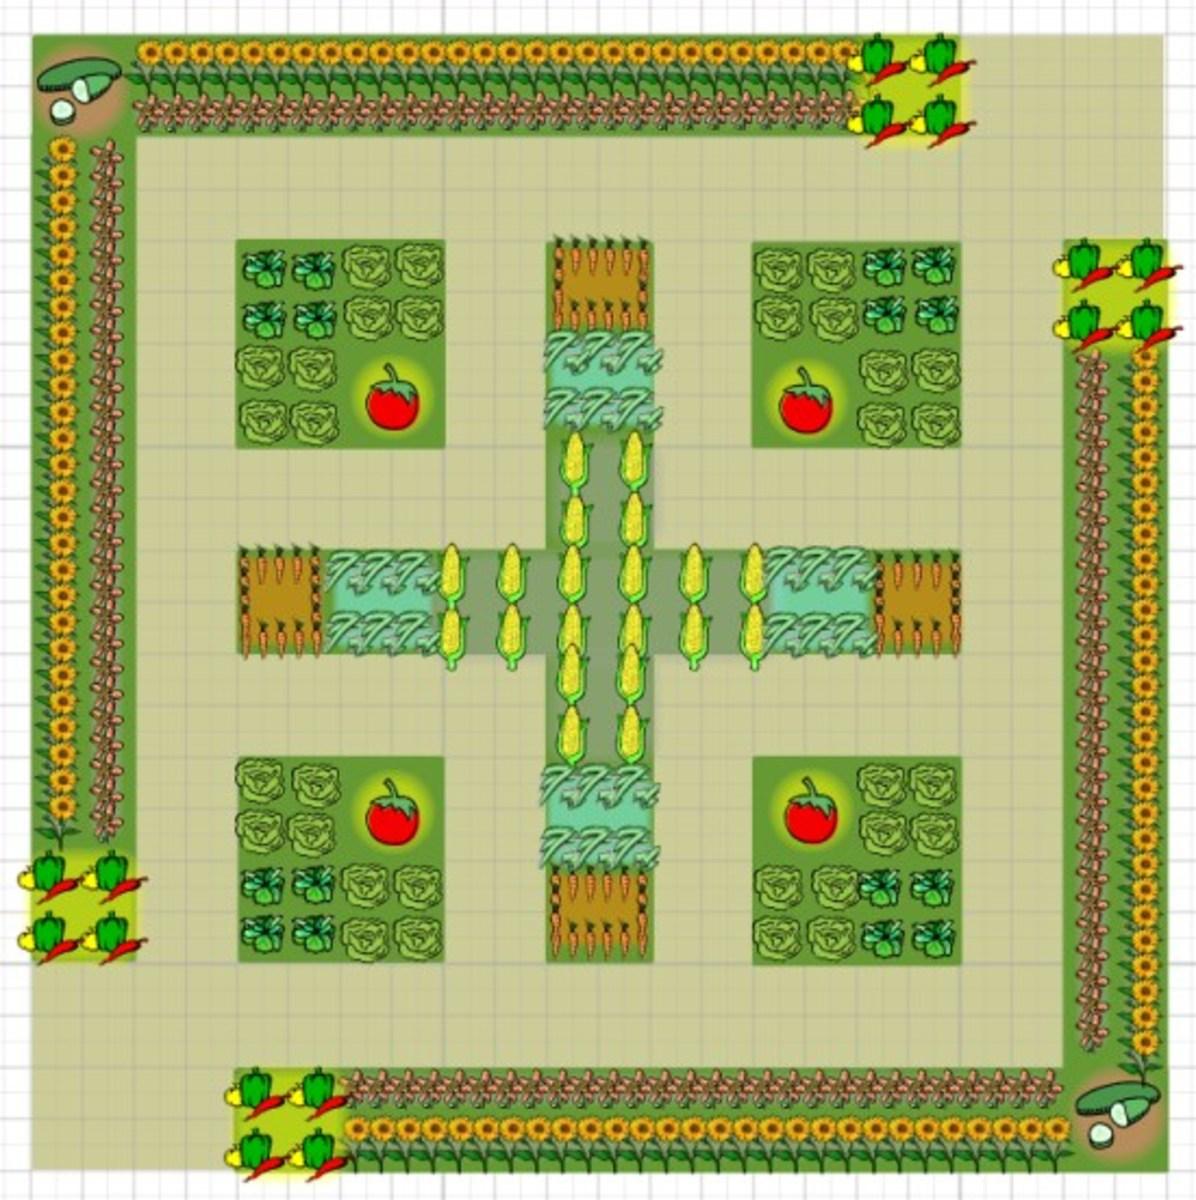 potager garden layout 3